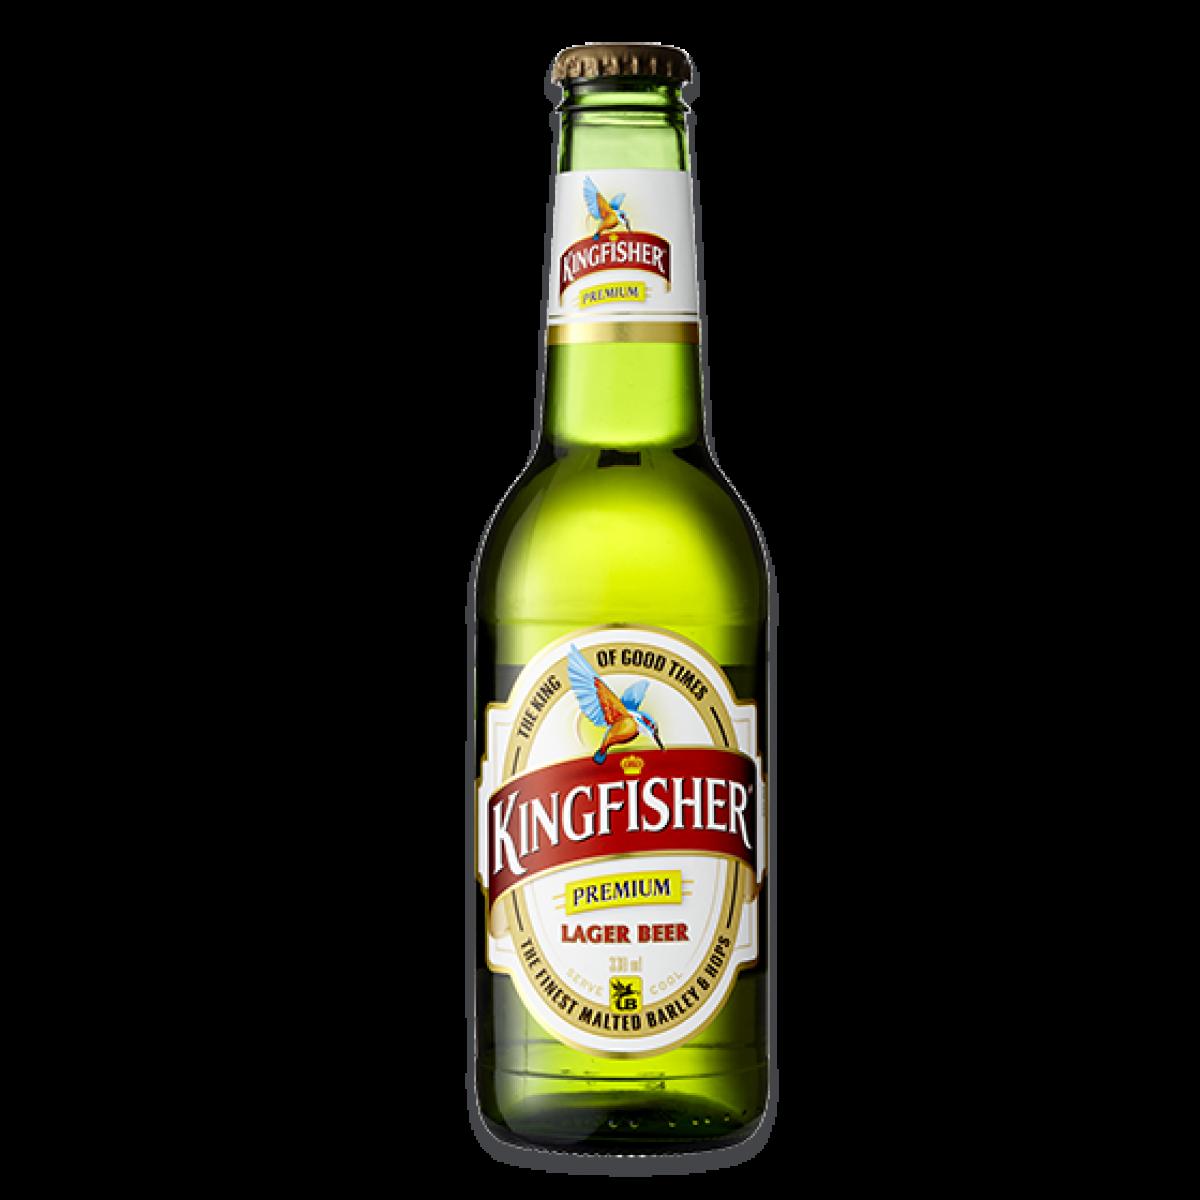 Beer Bottle PNG HD Transparent Beer Bottle HD.PNG Images..